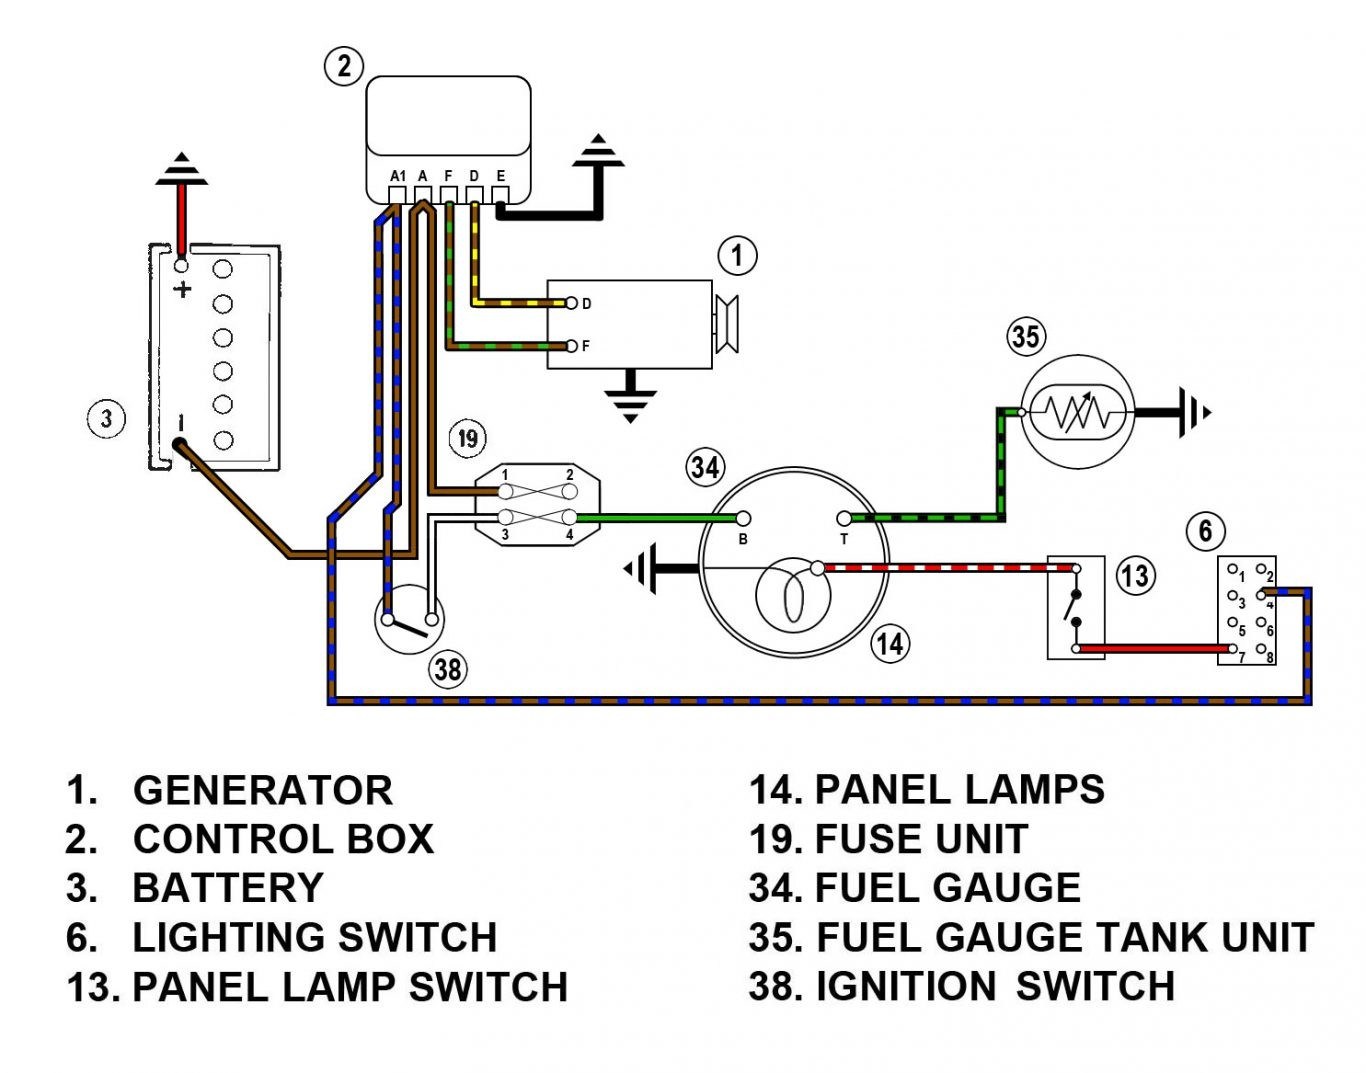 vdo sending unit wiring diagram not lossing wiring diagram • vdo sending unit wiring diagram simple wiring post rh 9 asiagourmet igb de vdo gauge wiring diagram pressure vdo gauge wiring diagram pressure